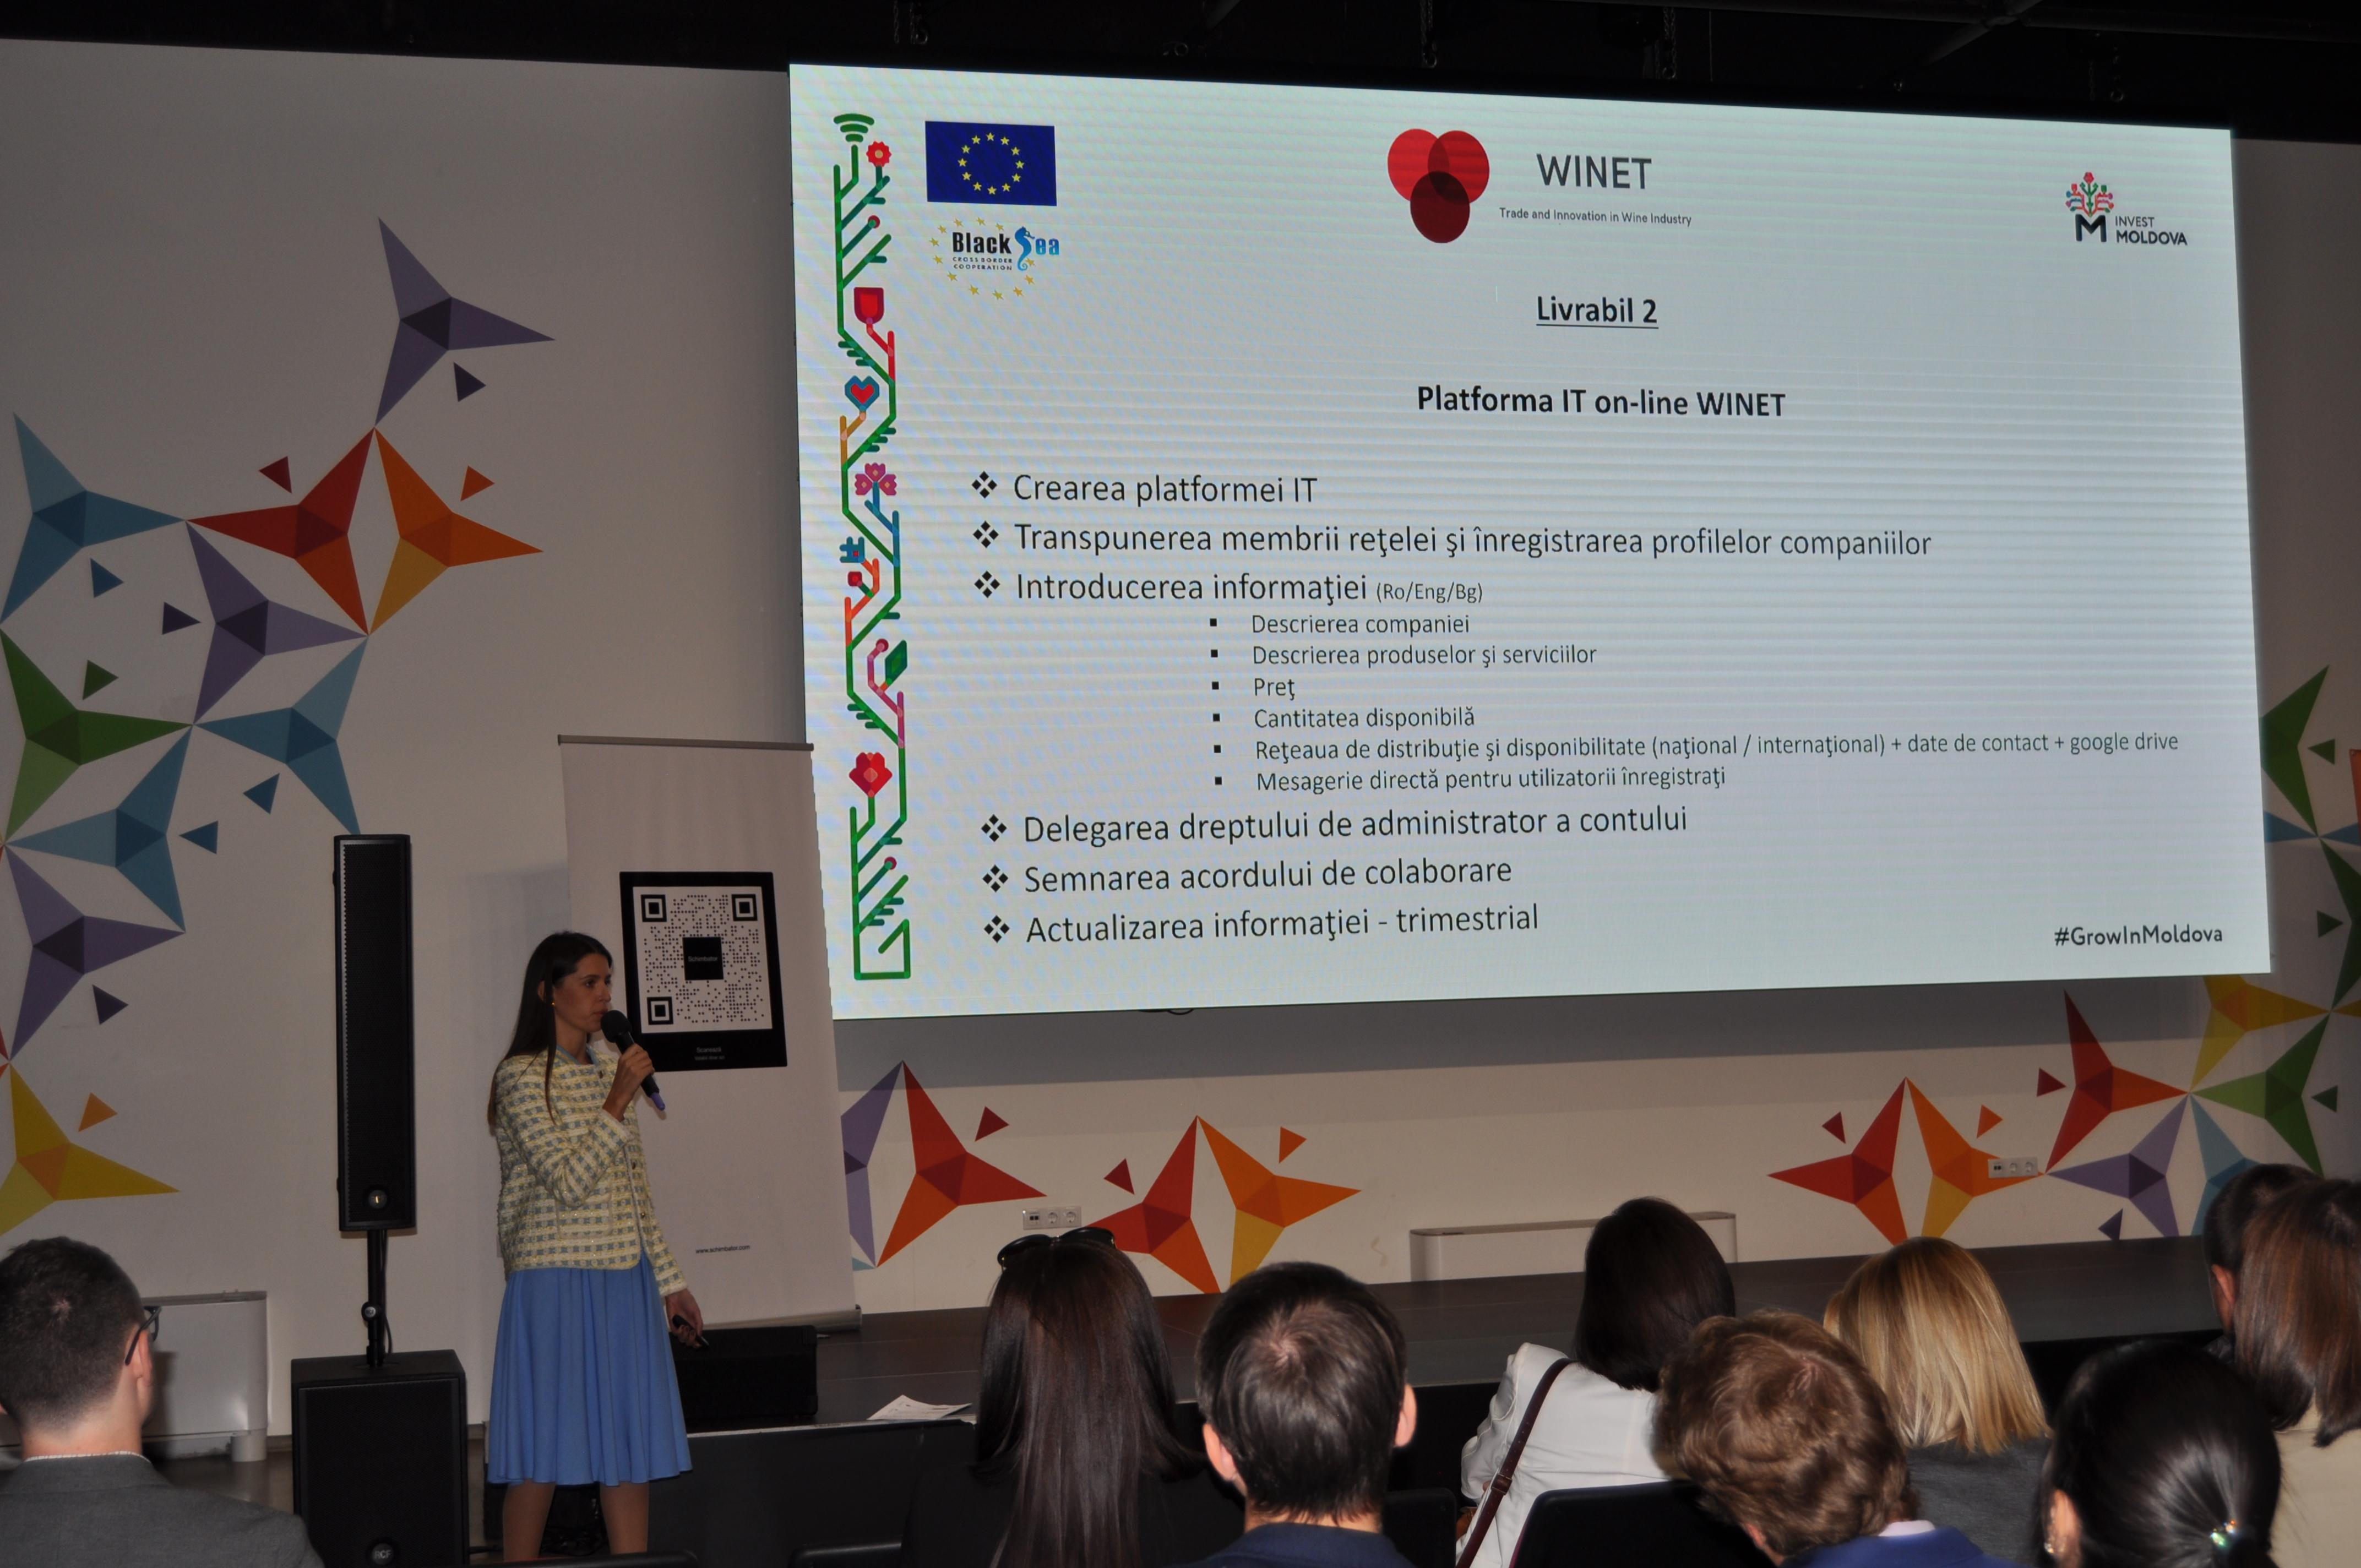 WINET – un nou proiect în domeniul comerțului și cooperării din sectorul vinicol din regiunea Bazinului Mării Negre, lansat